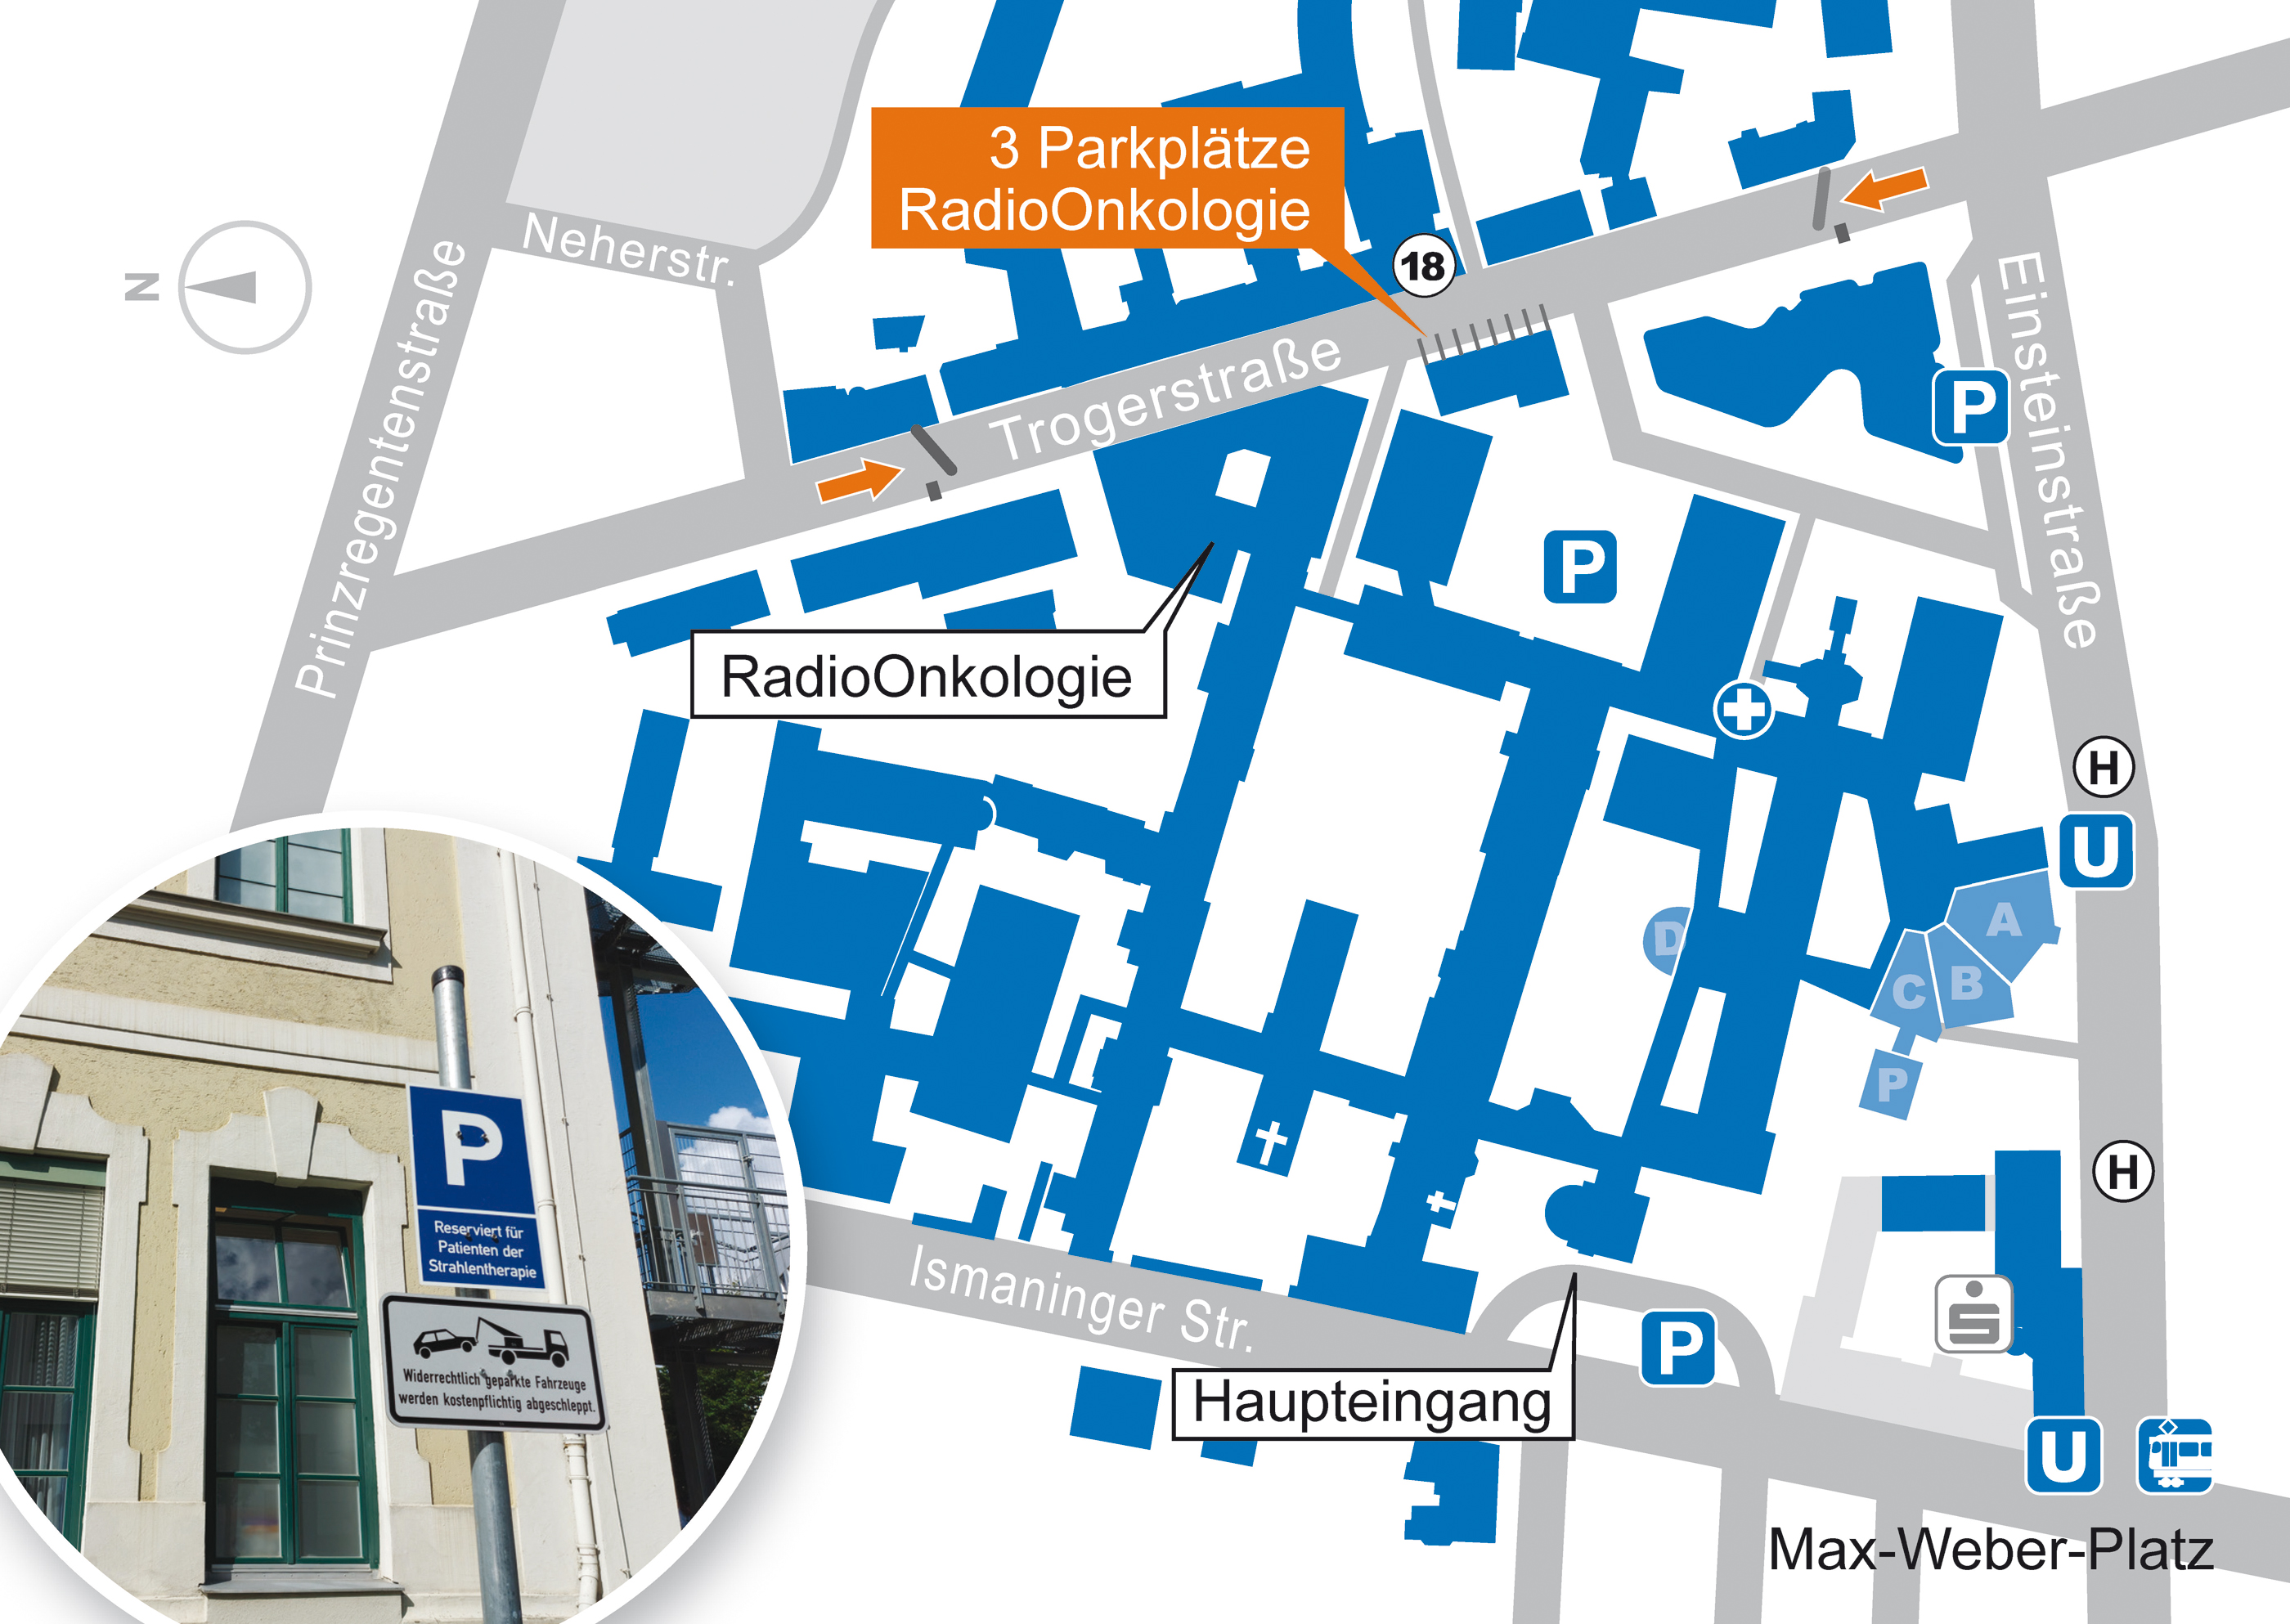 Gebäudeplan/Lageplan Klinikum rechts der Isar und Patientenparkplätze der RadioOnkologie